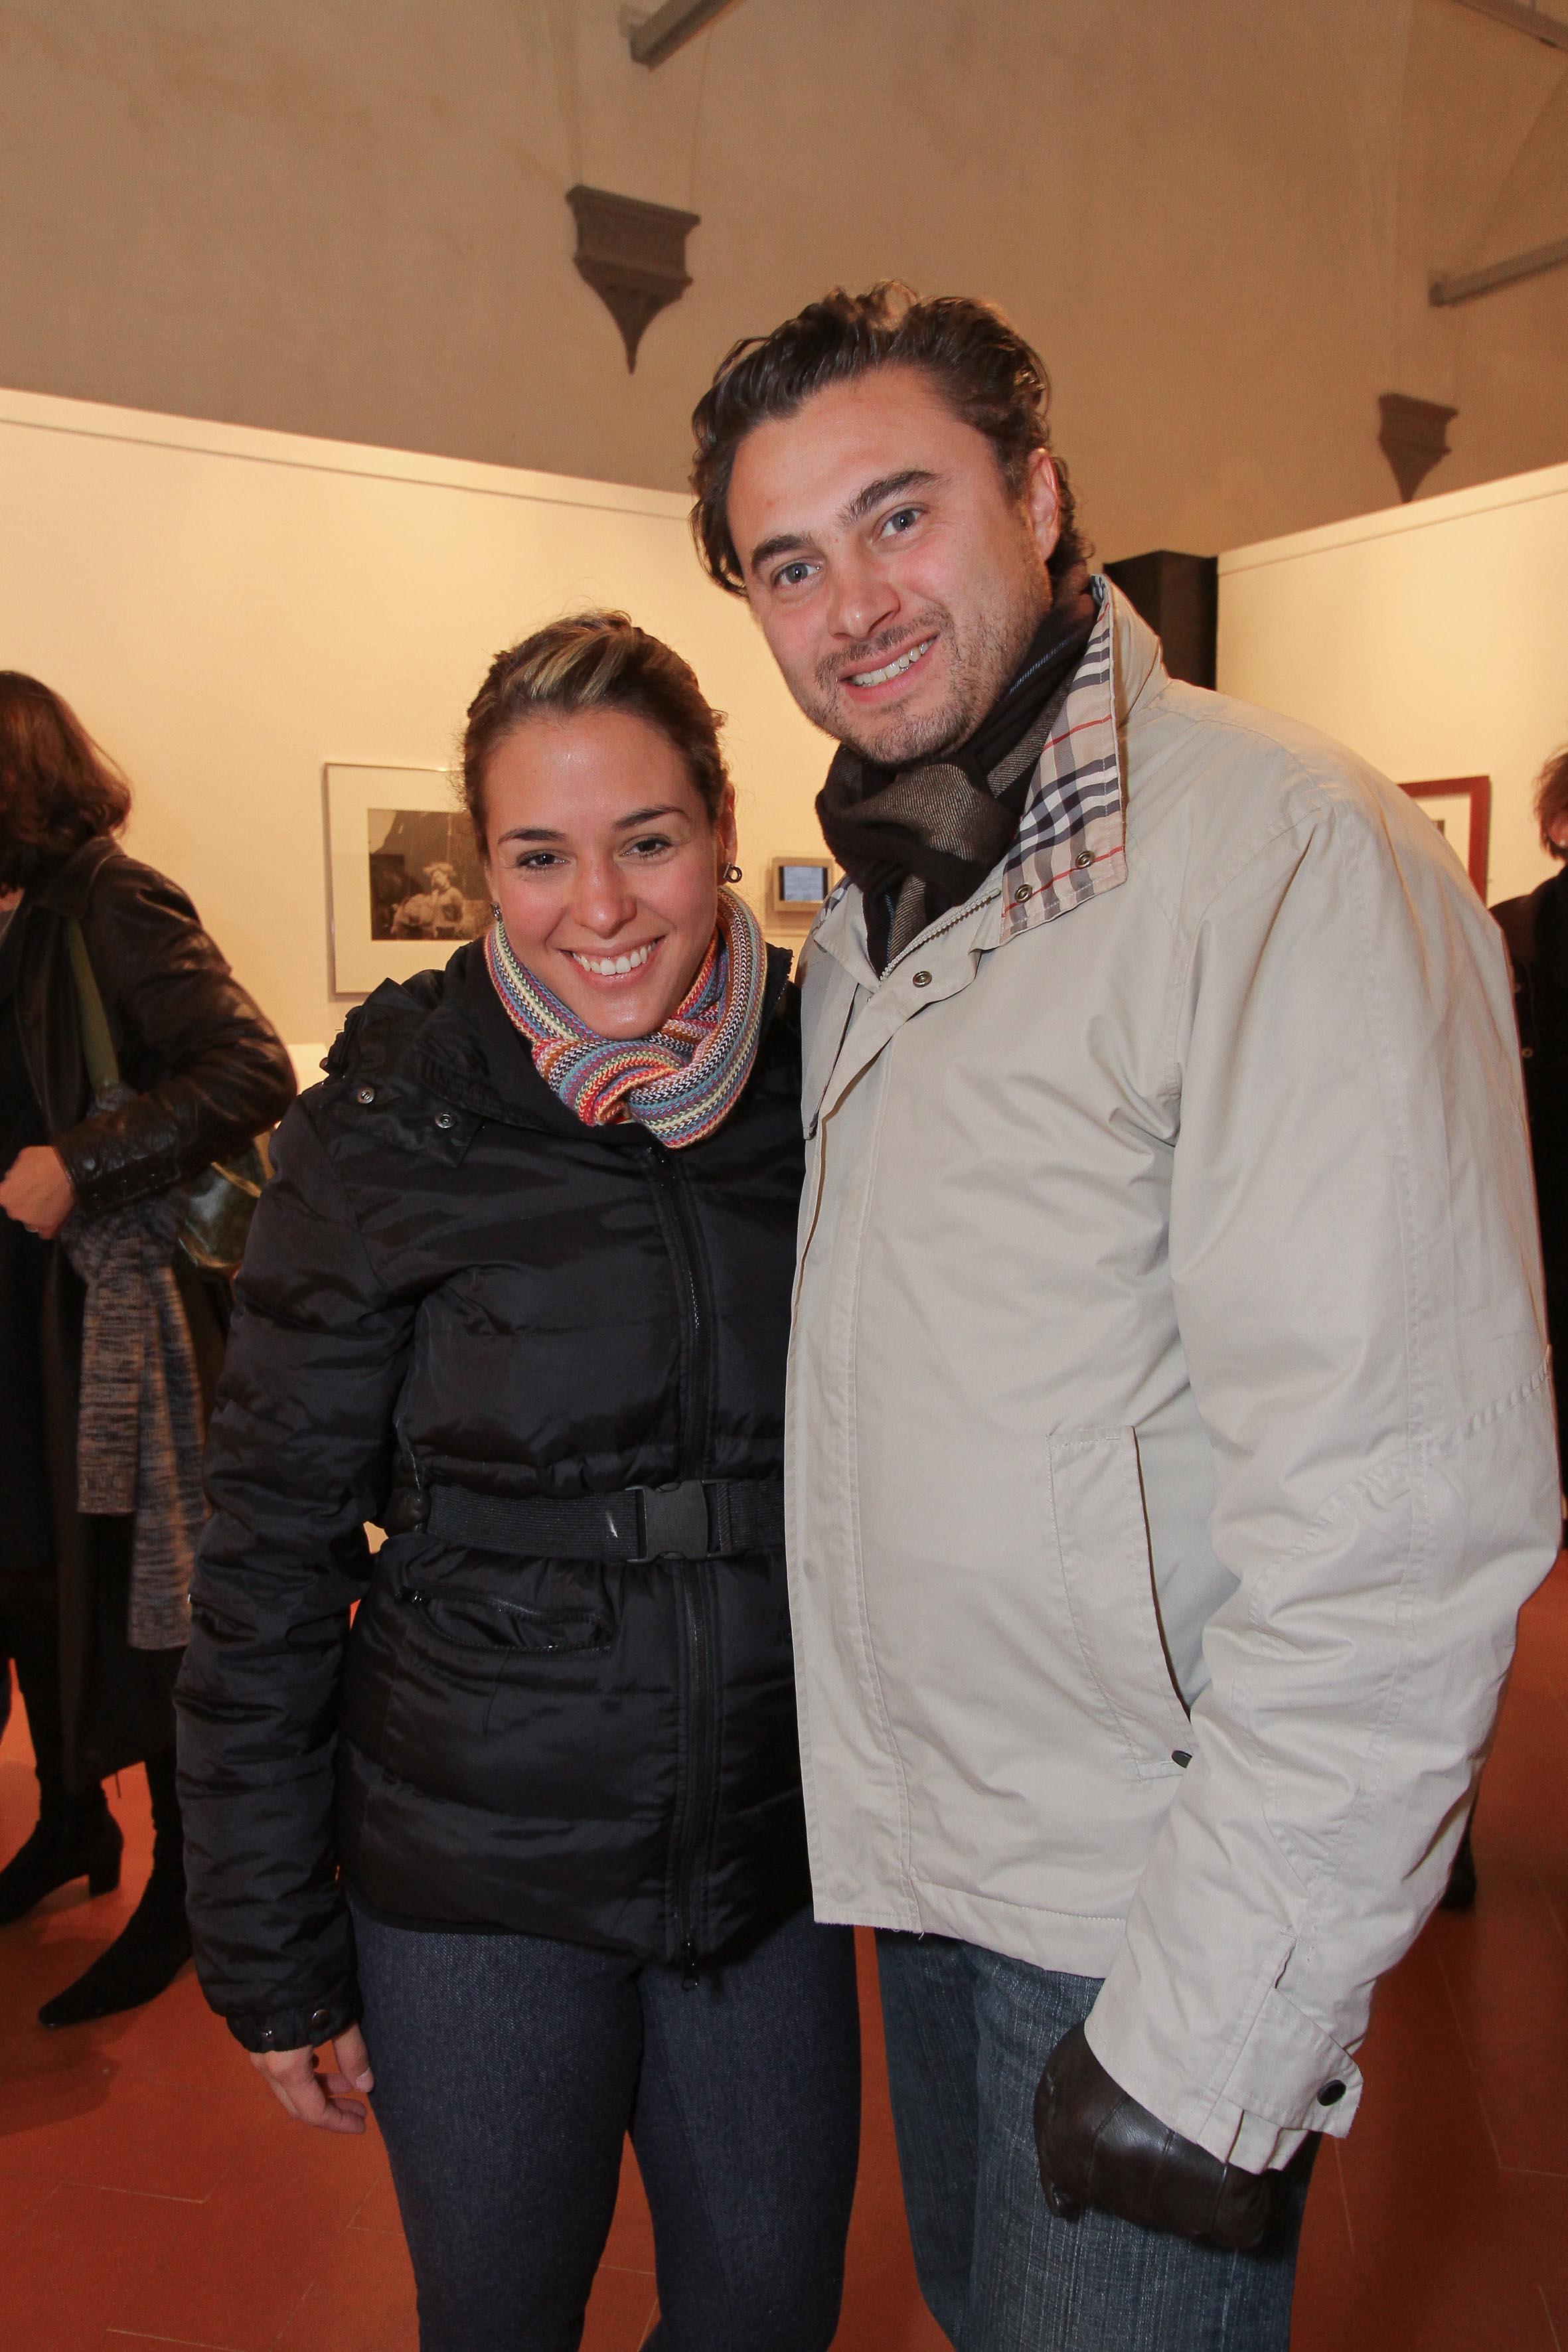 PRESSPHOTO Firenze, Museo Alinari, mostra fotografica Controverses. nella foto Luis e Olga Pedraza